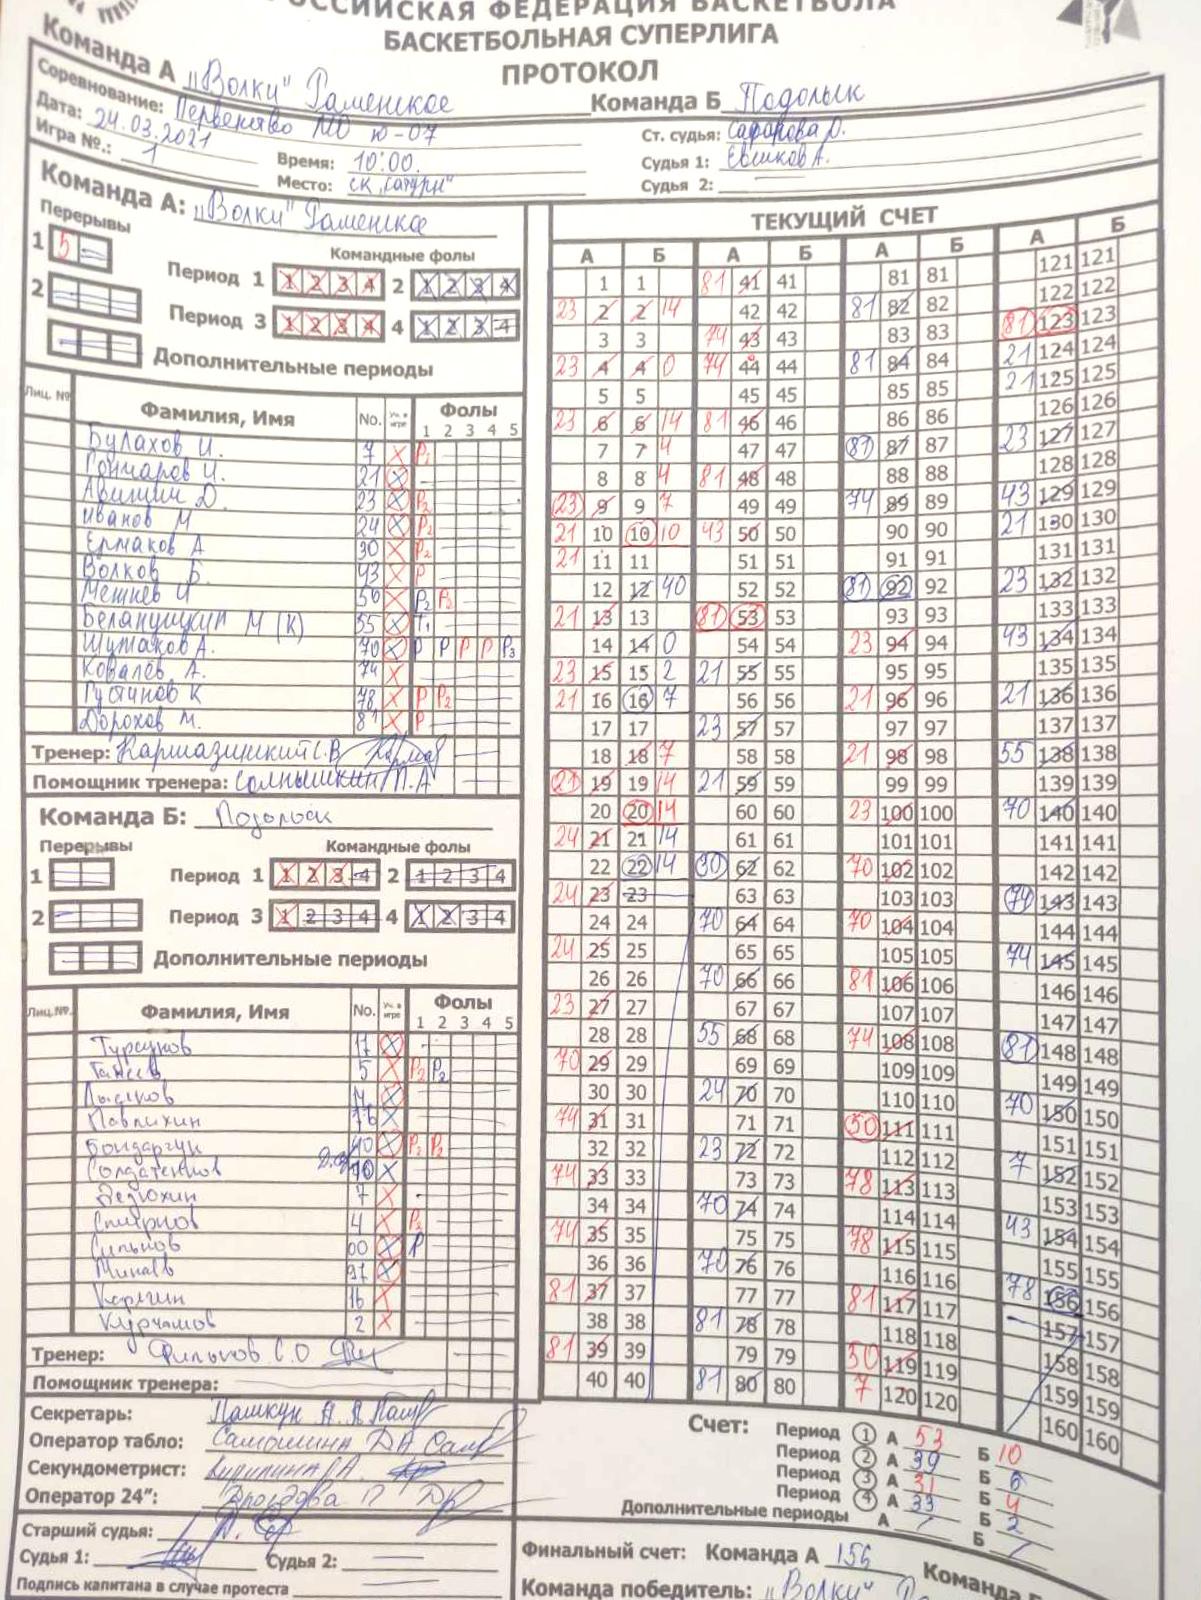 Протокол матча Волки - Подольск, СЛ МО'07, г. Раменское, 24.03.2021